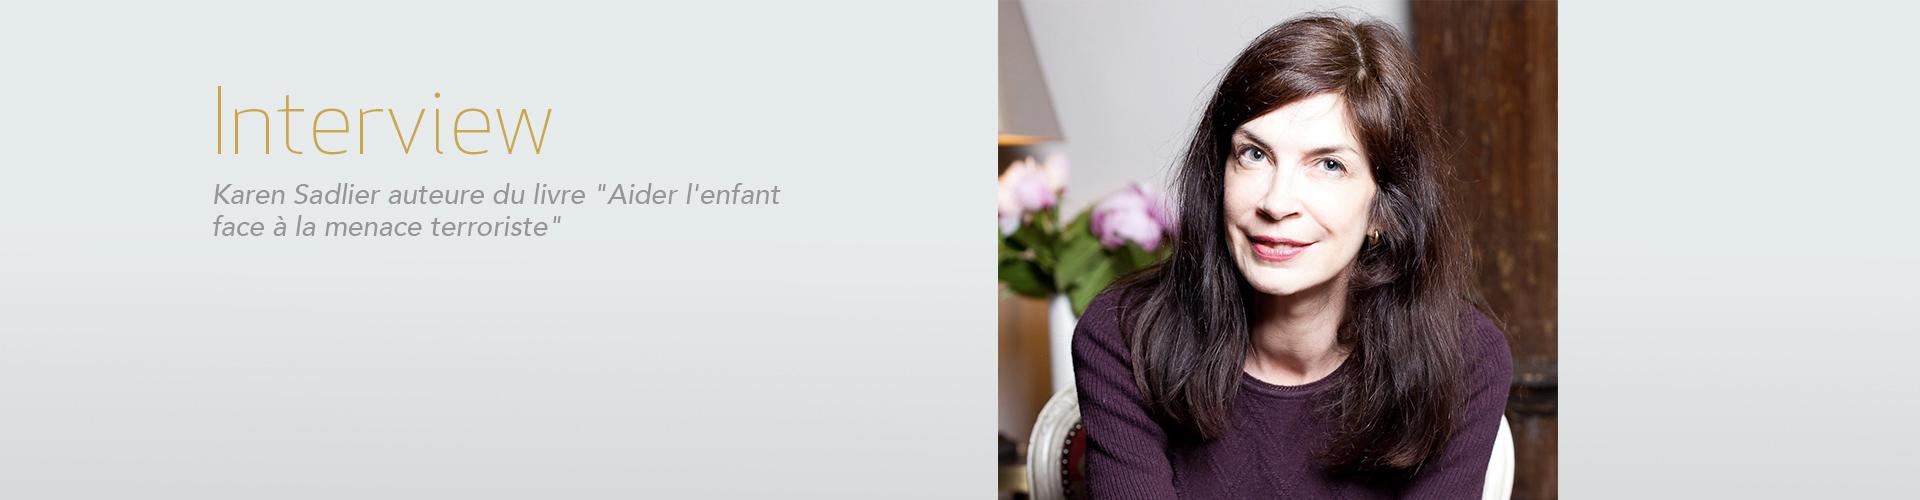 """Interview karen sadlier pour le livre """" Aider l'enfant face à la menace terroriste"""""""